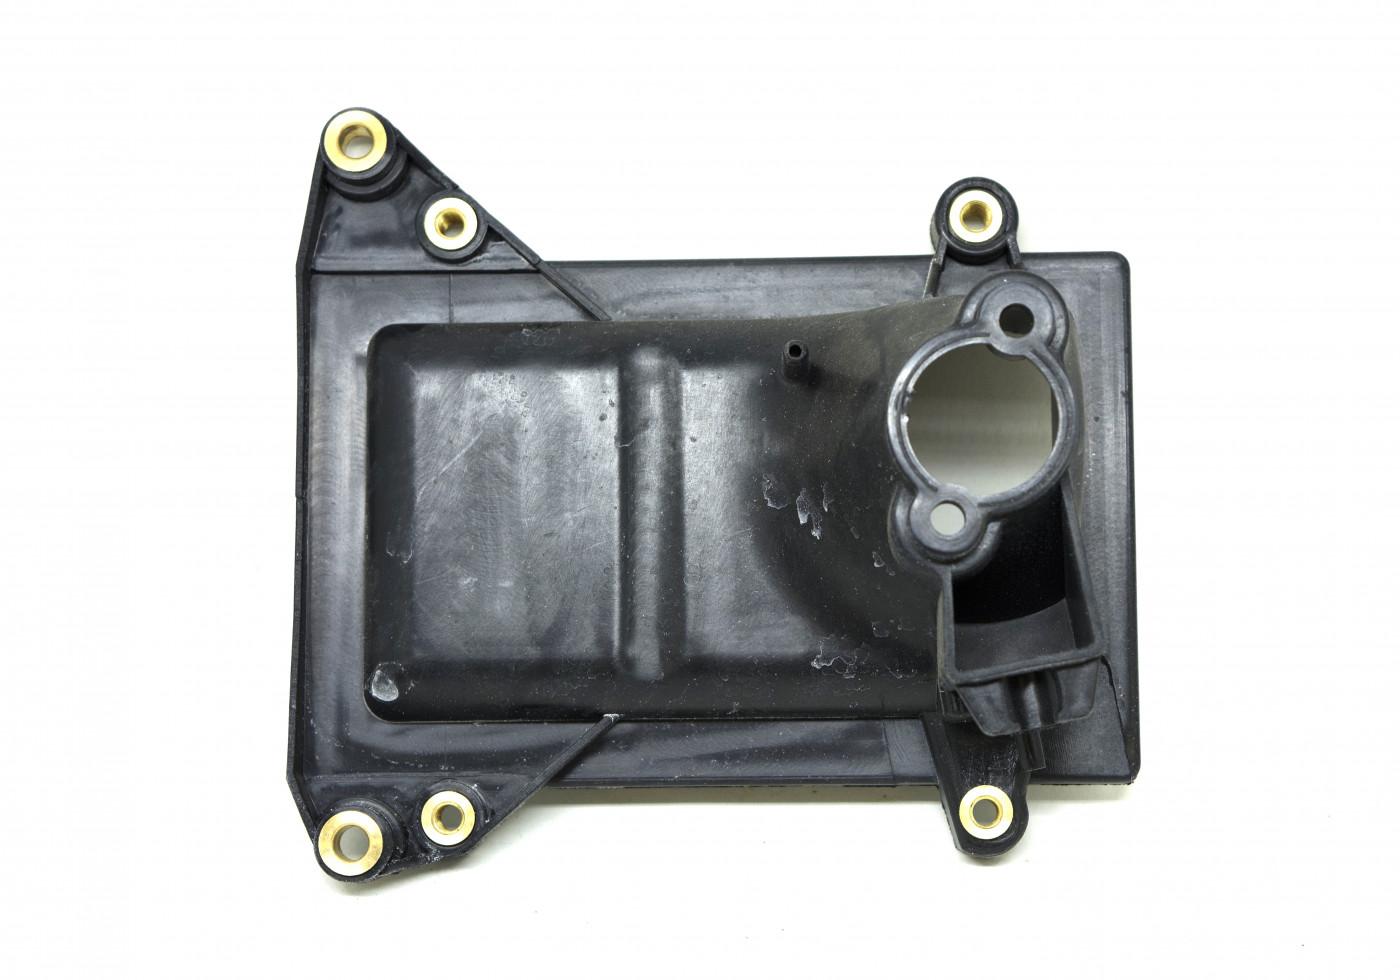 Vzduchový filtr STIHL TS400 Základna - 4223 120 3402